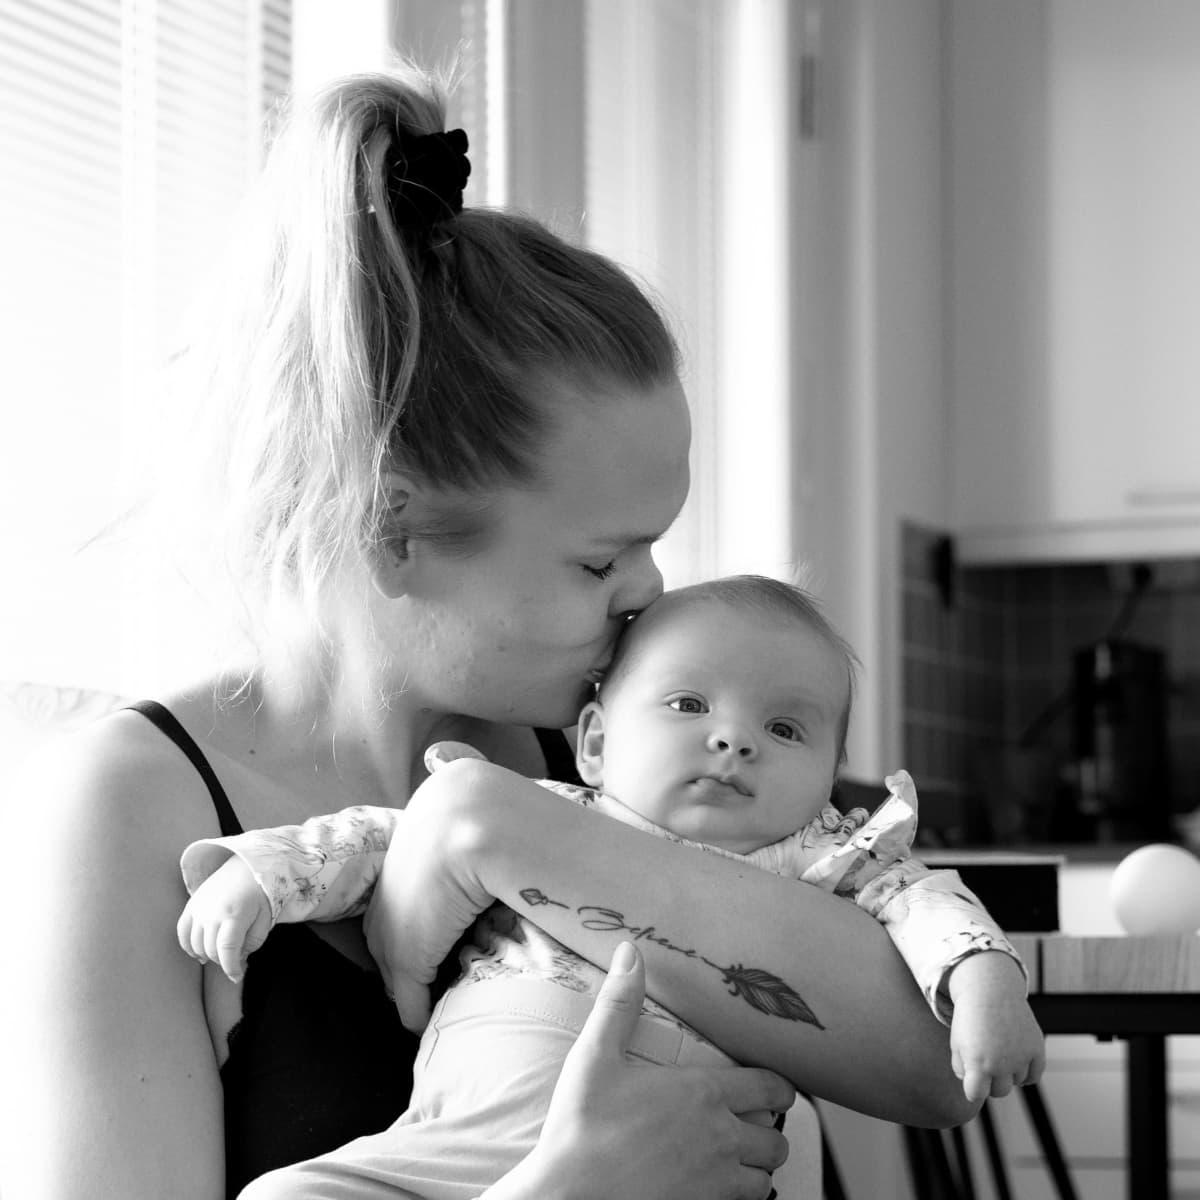 Taru pussaa vauvaansa.